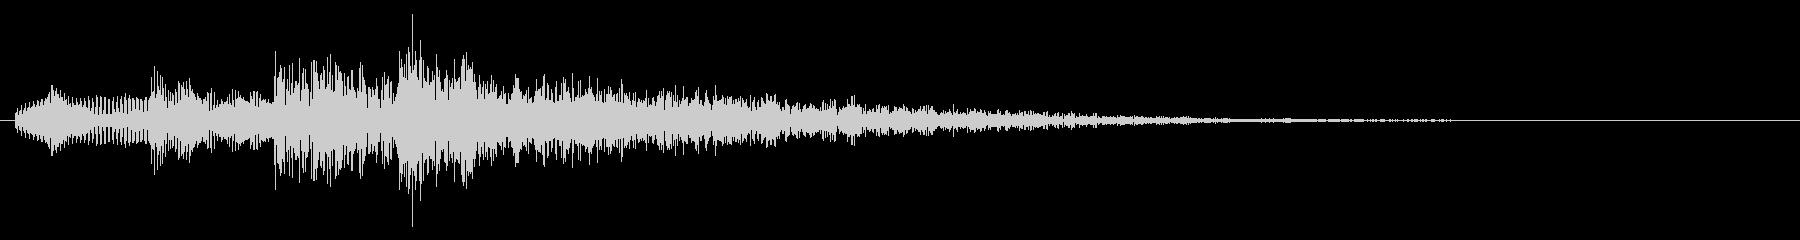 決定音/ボタン音/選択音/正解音 12の未再生の波形